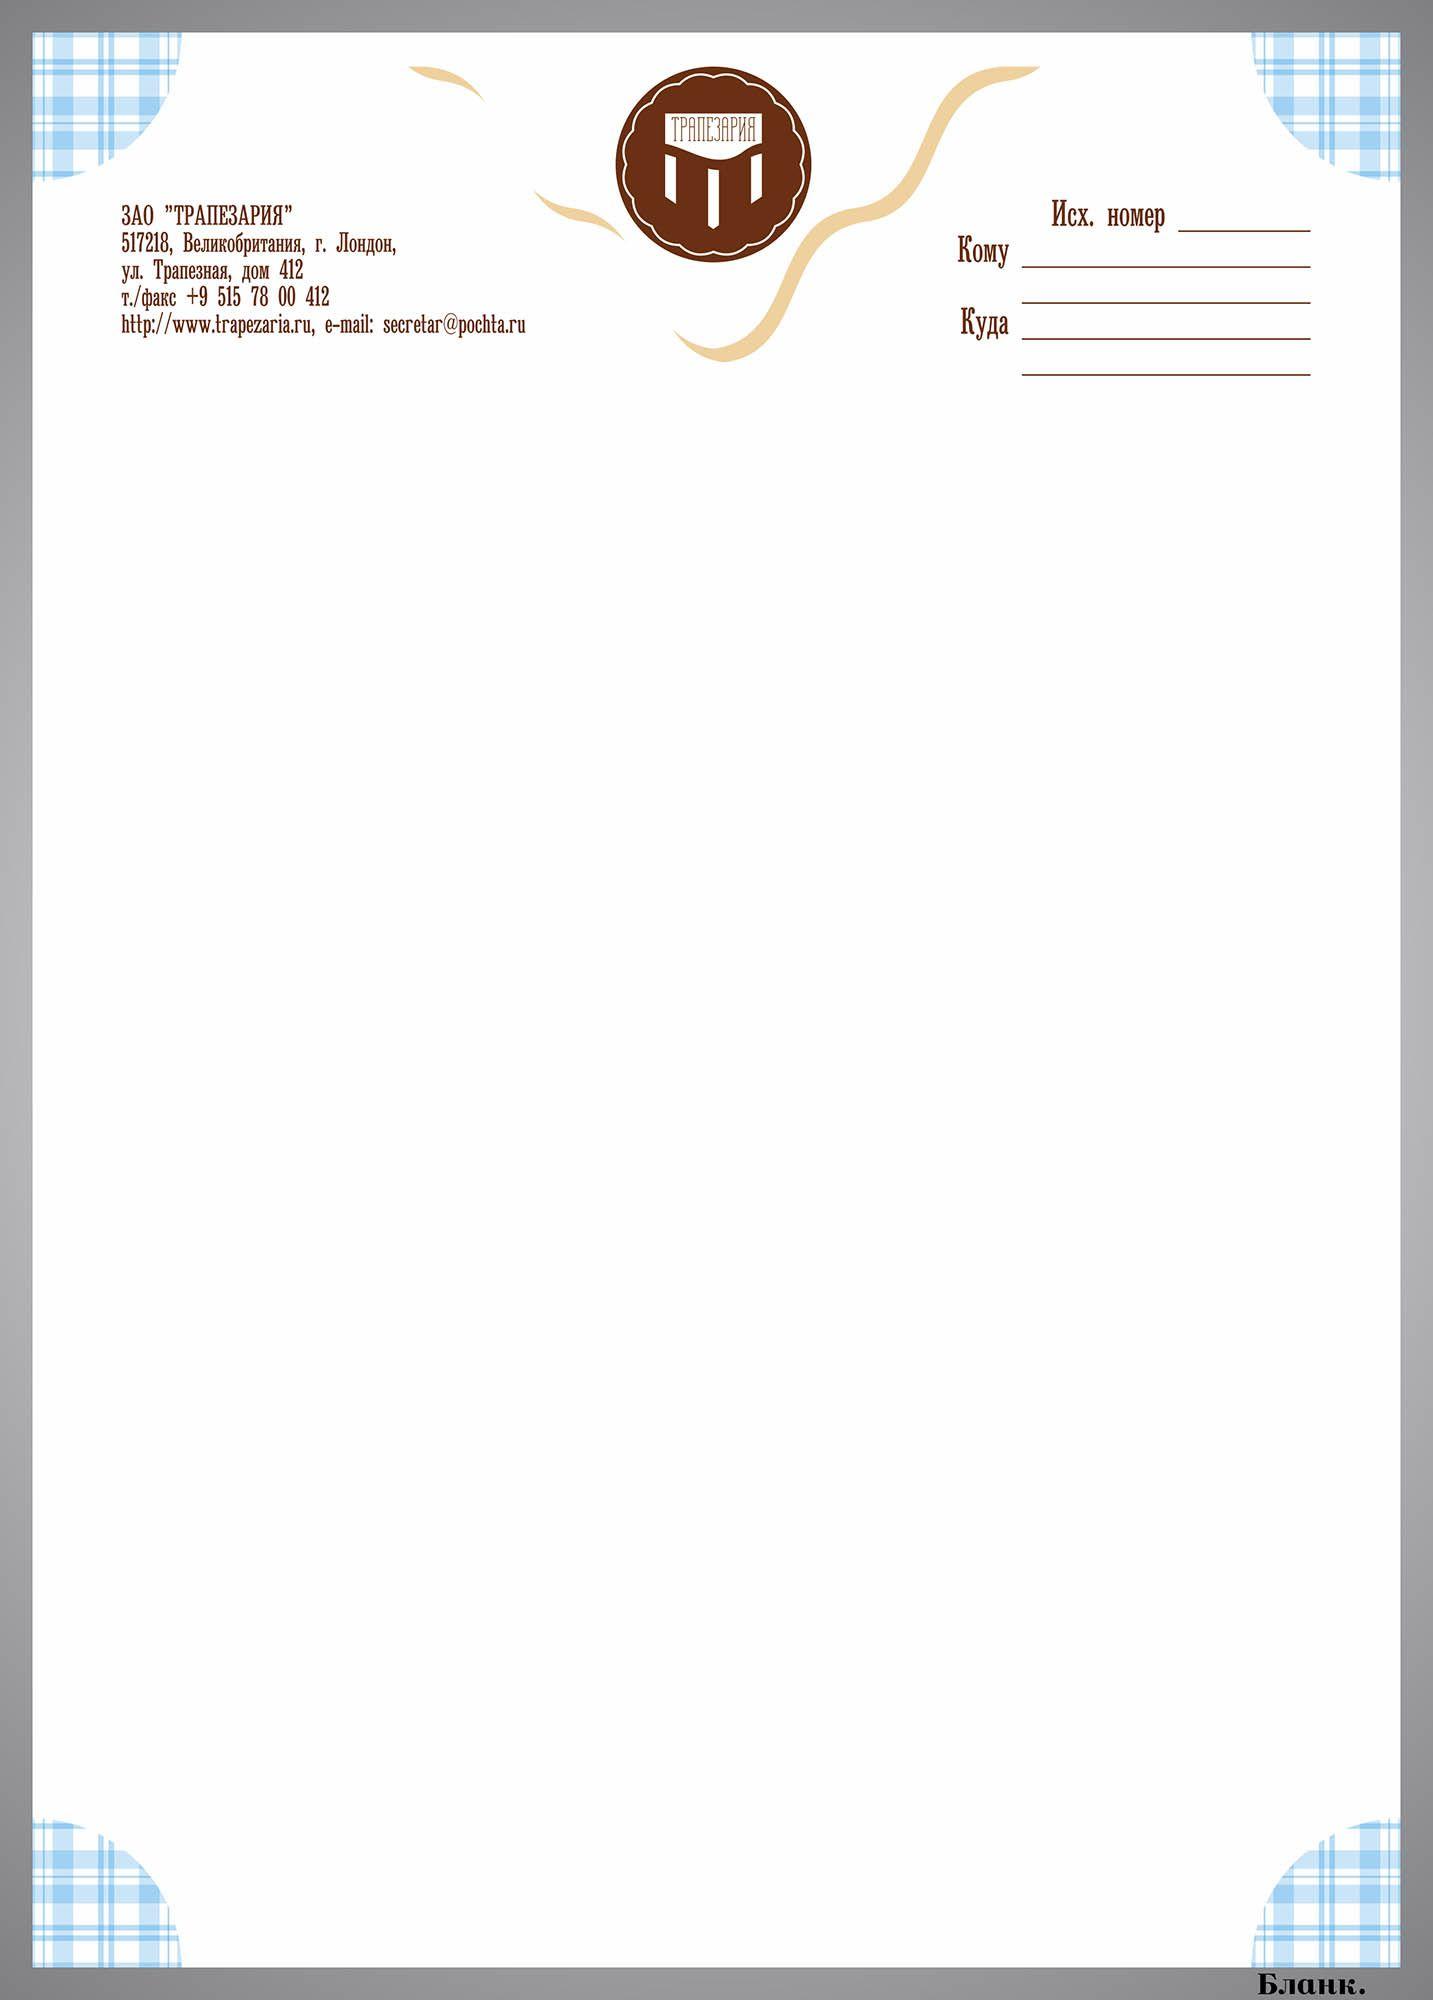 Логотип, брендбук и фирменный стиль для Трапезарии - дизайнер InfoMir